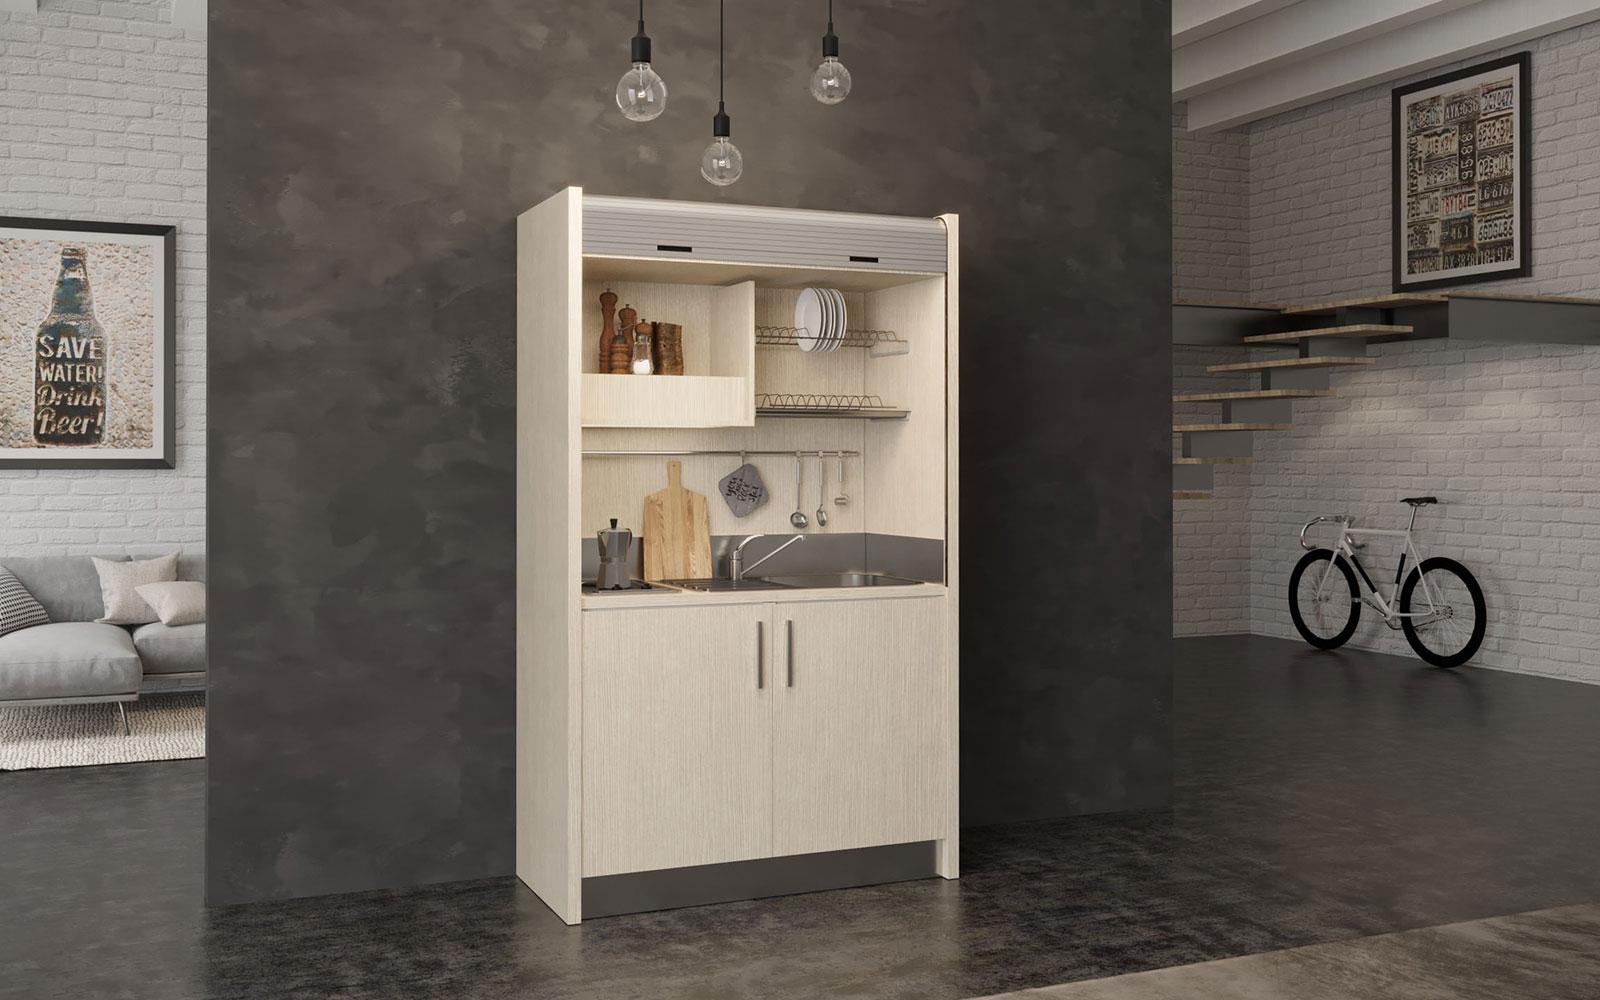 Mini Cucine A Scomparsa salento dx - cucina angolo cottura a scomparsa con serrandina in 128cm